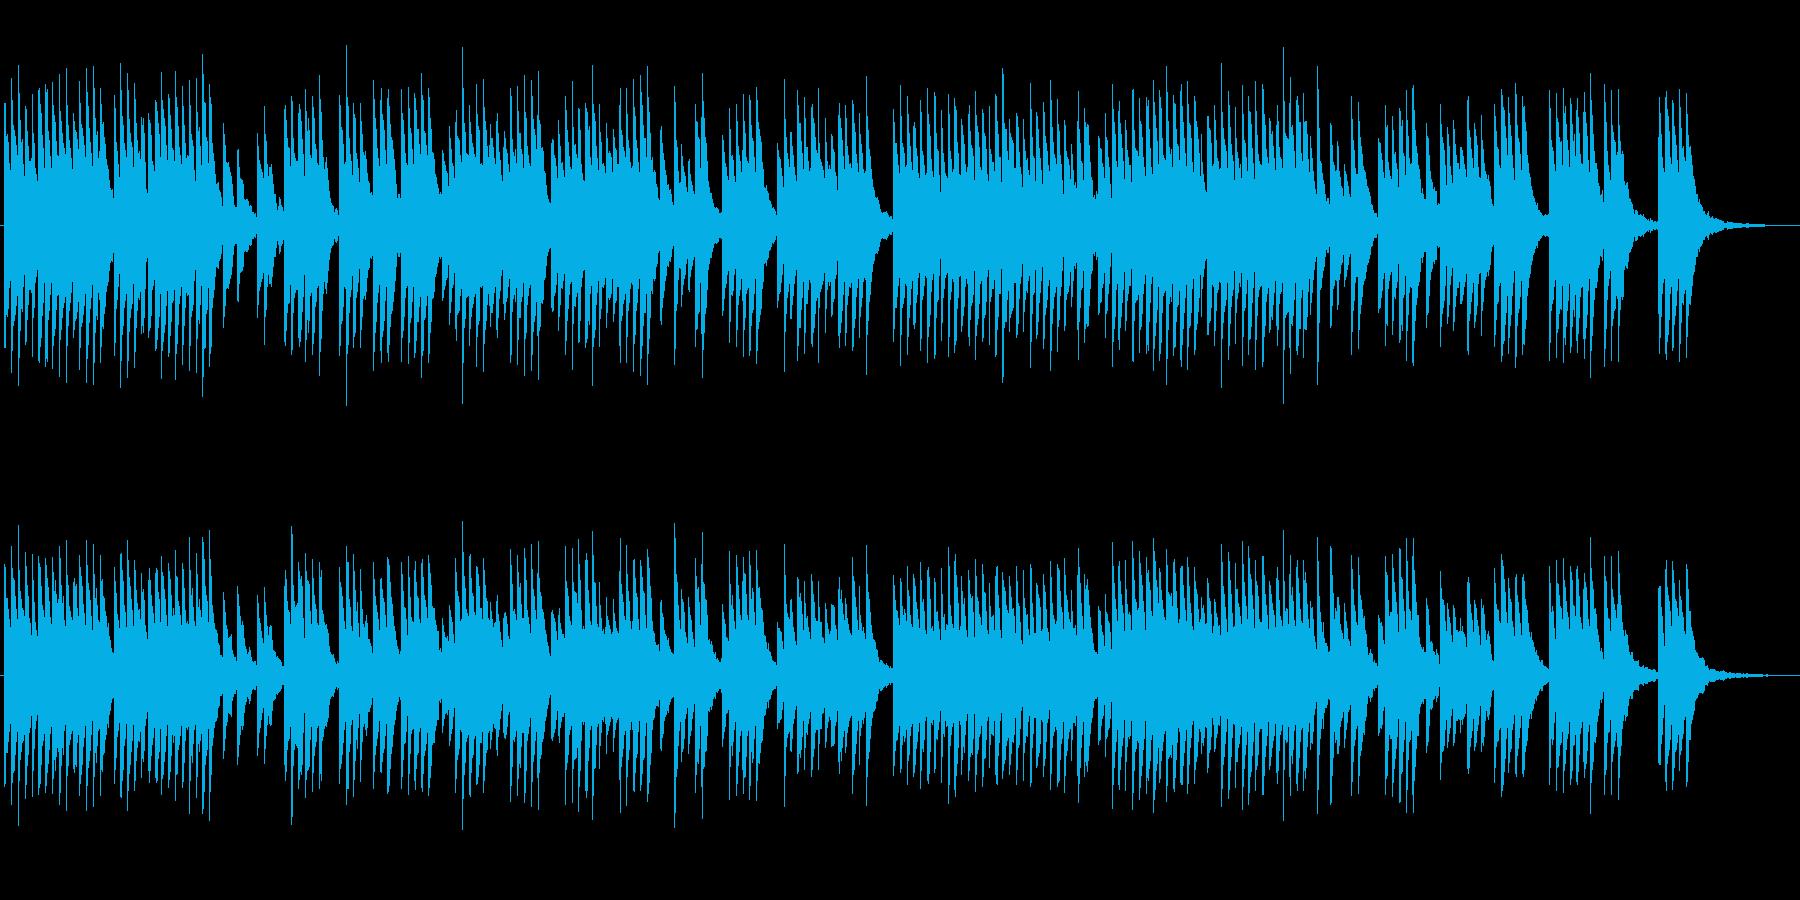 サラスポンダのオルゴールの再生済みの波形